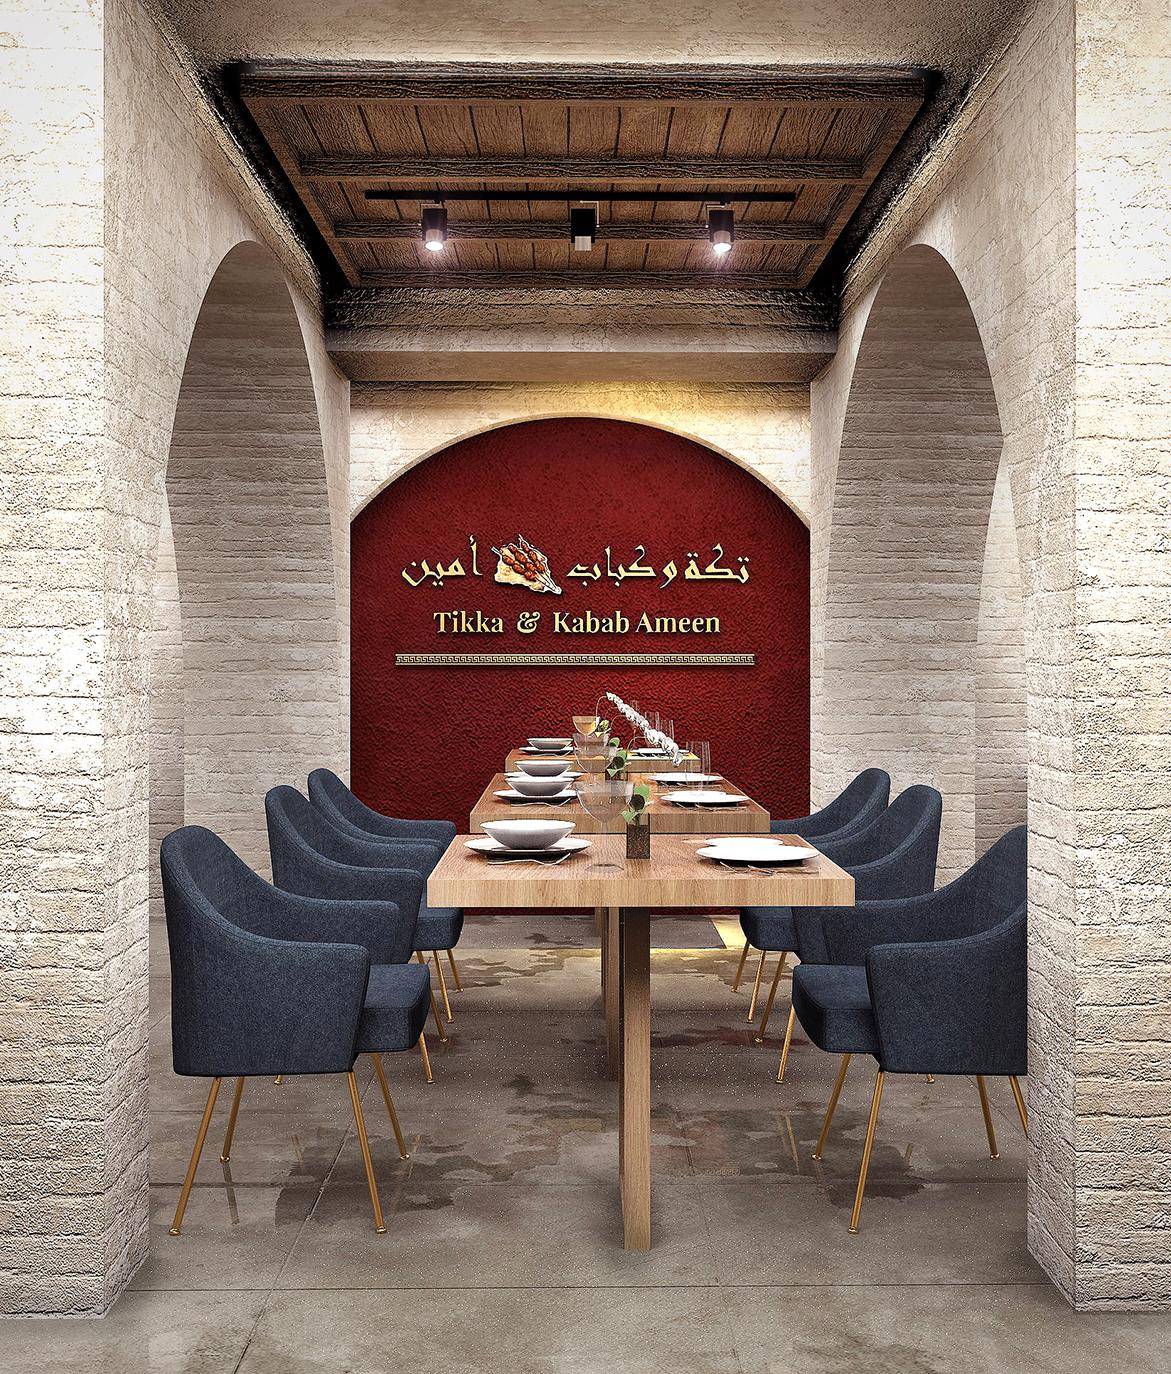 Tikka & Kabab Ameen Restaurant – India